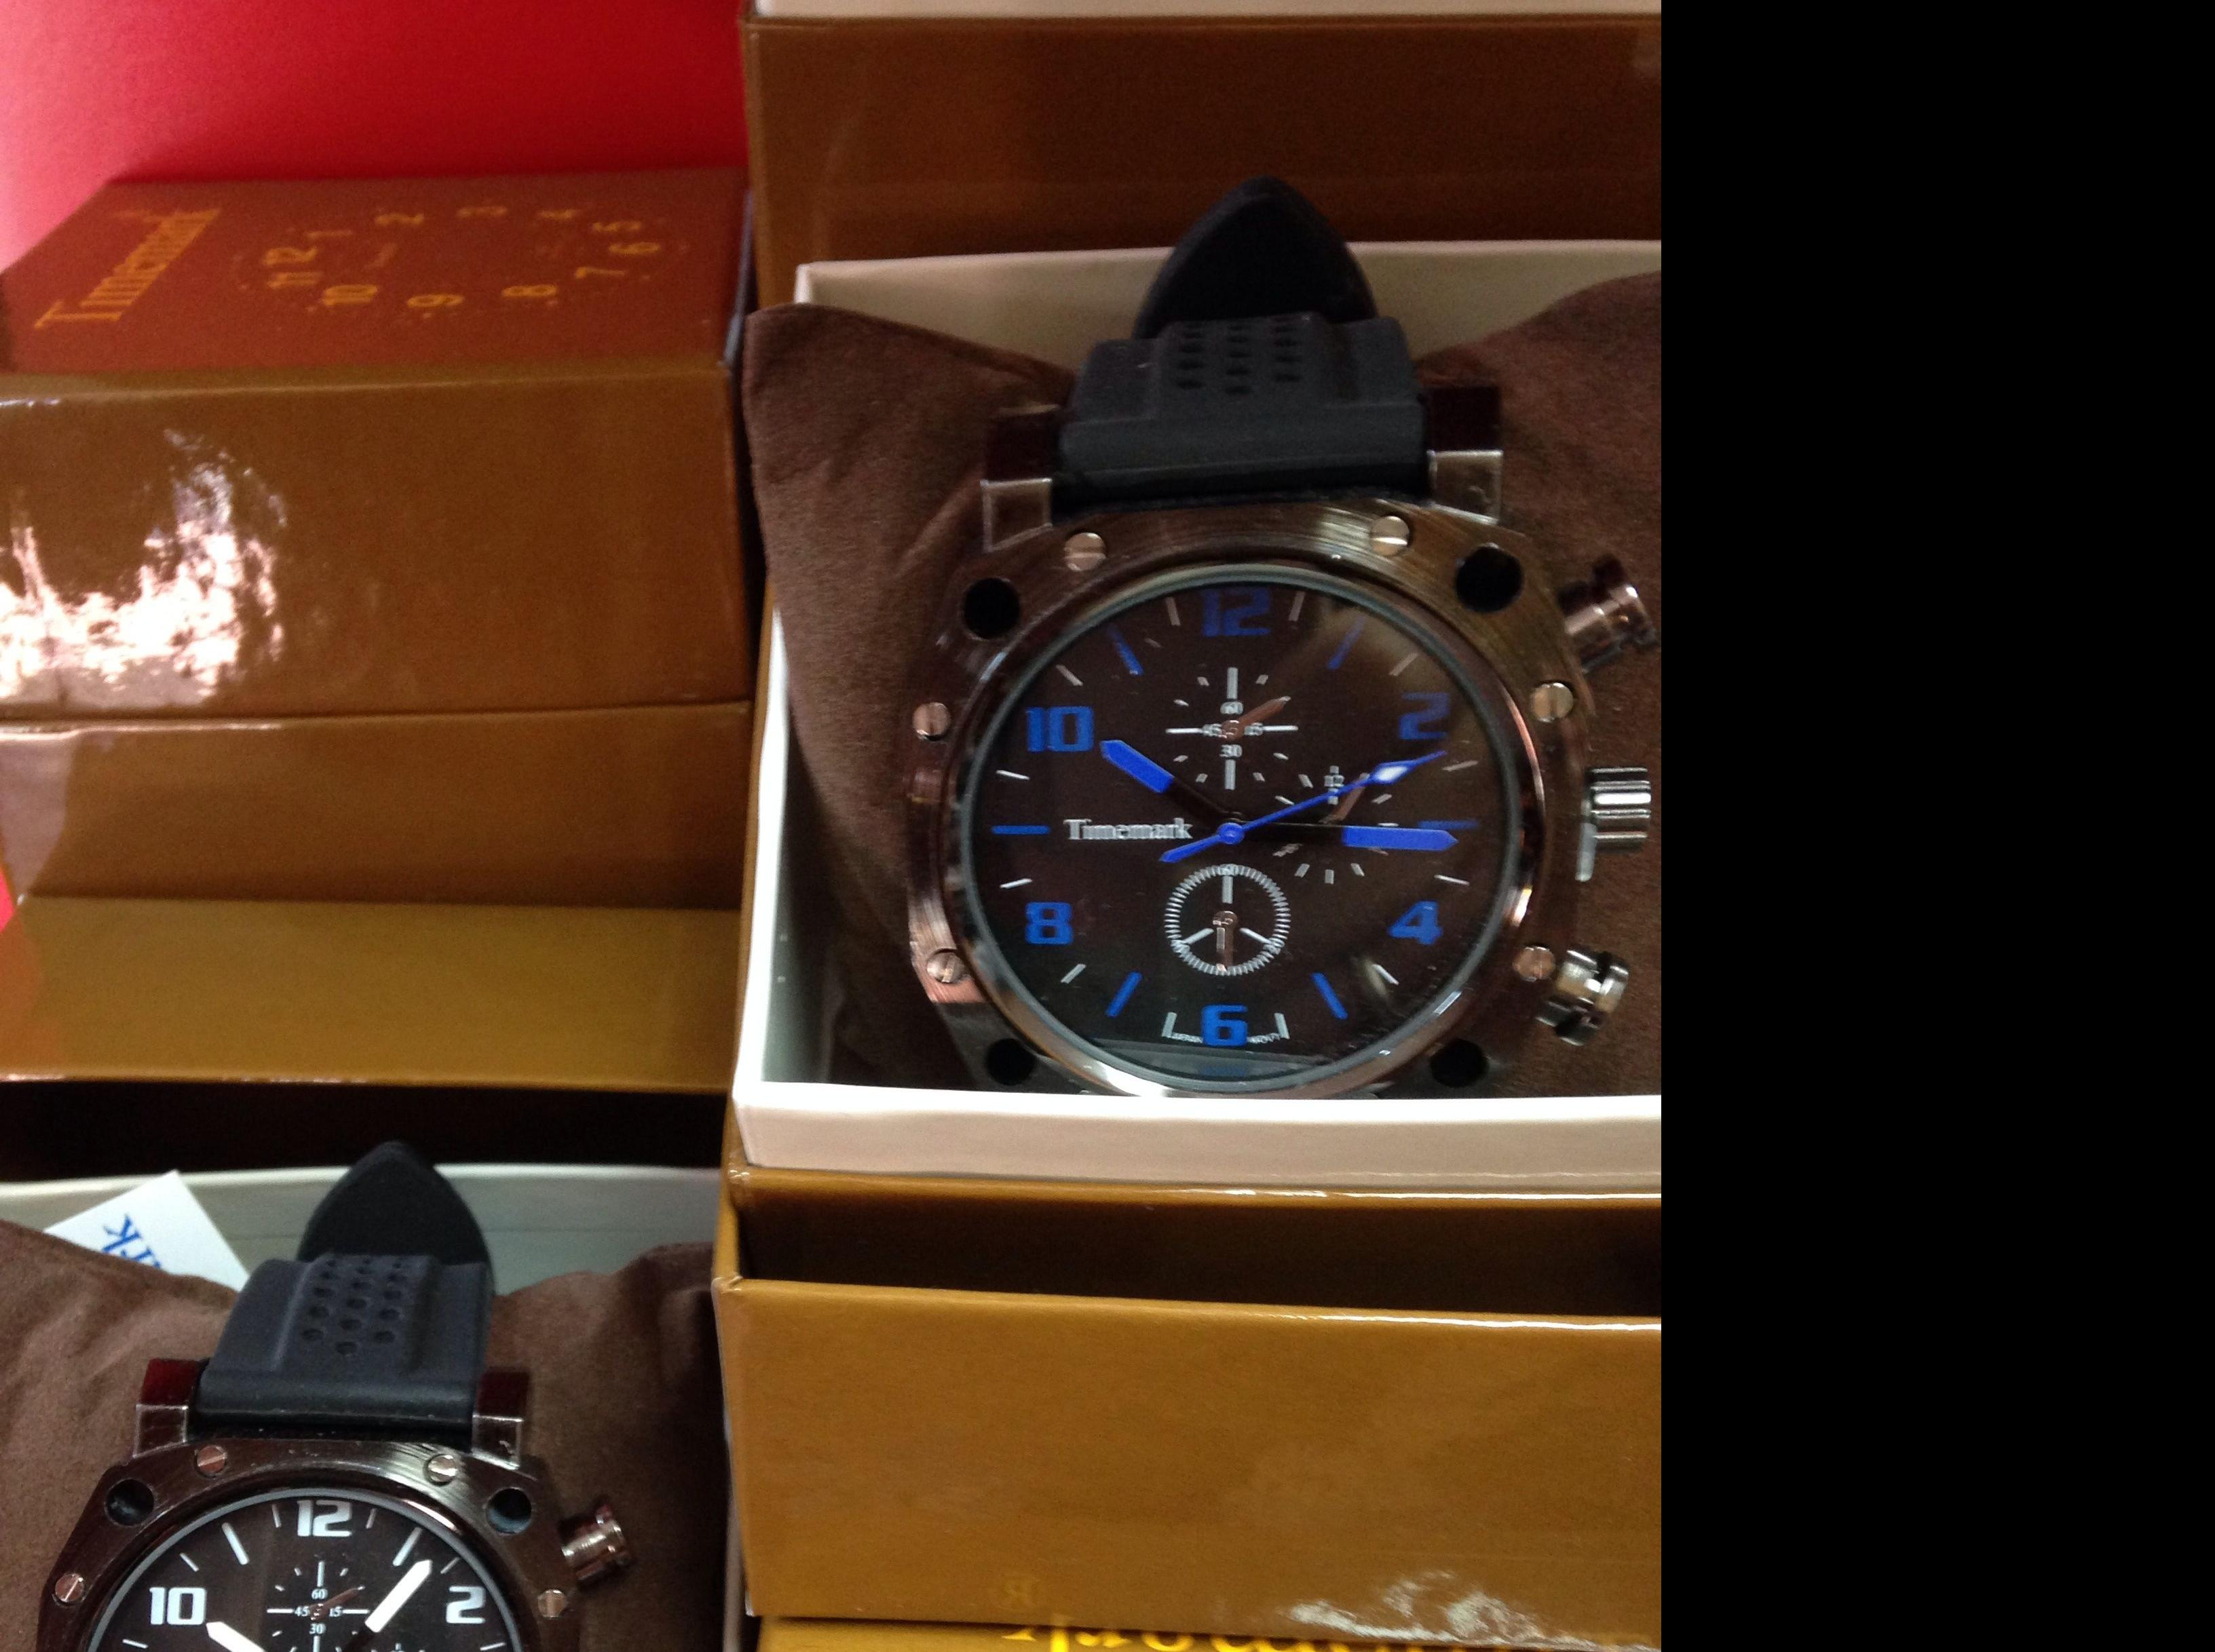 Reloj alta calidad 9,95€ muchos modelos: Productos y servicios de Comercial Cash Logon